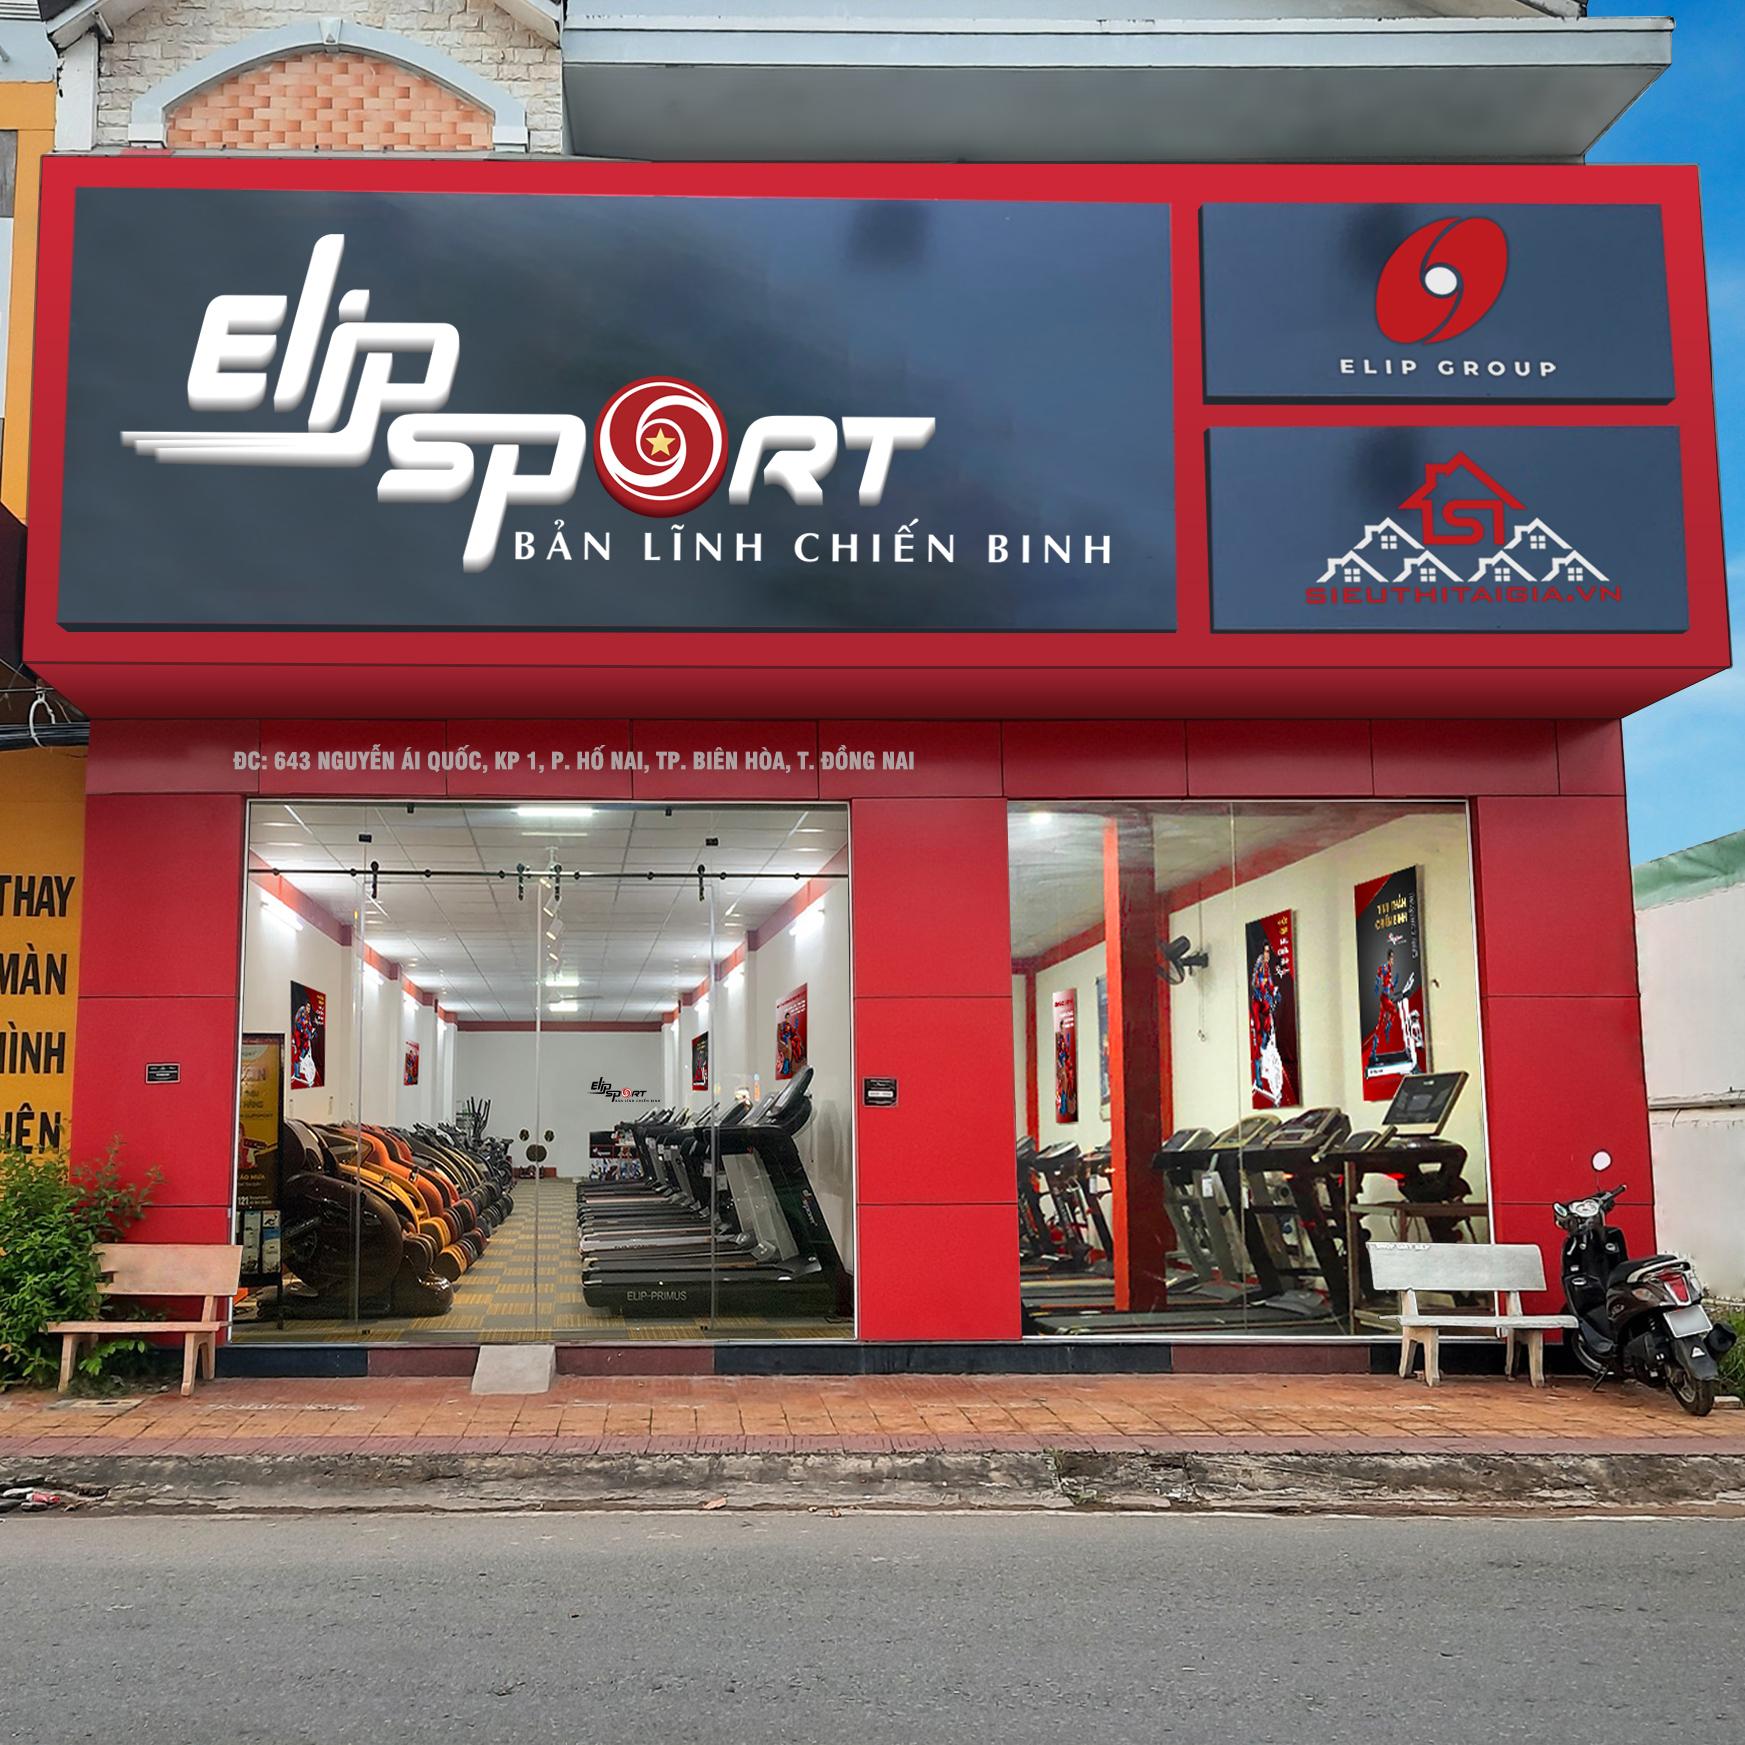 Hình ảnh của chi nhánh Elipsport Hố Nai - Đồng Nai 2